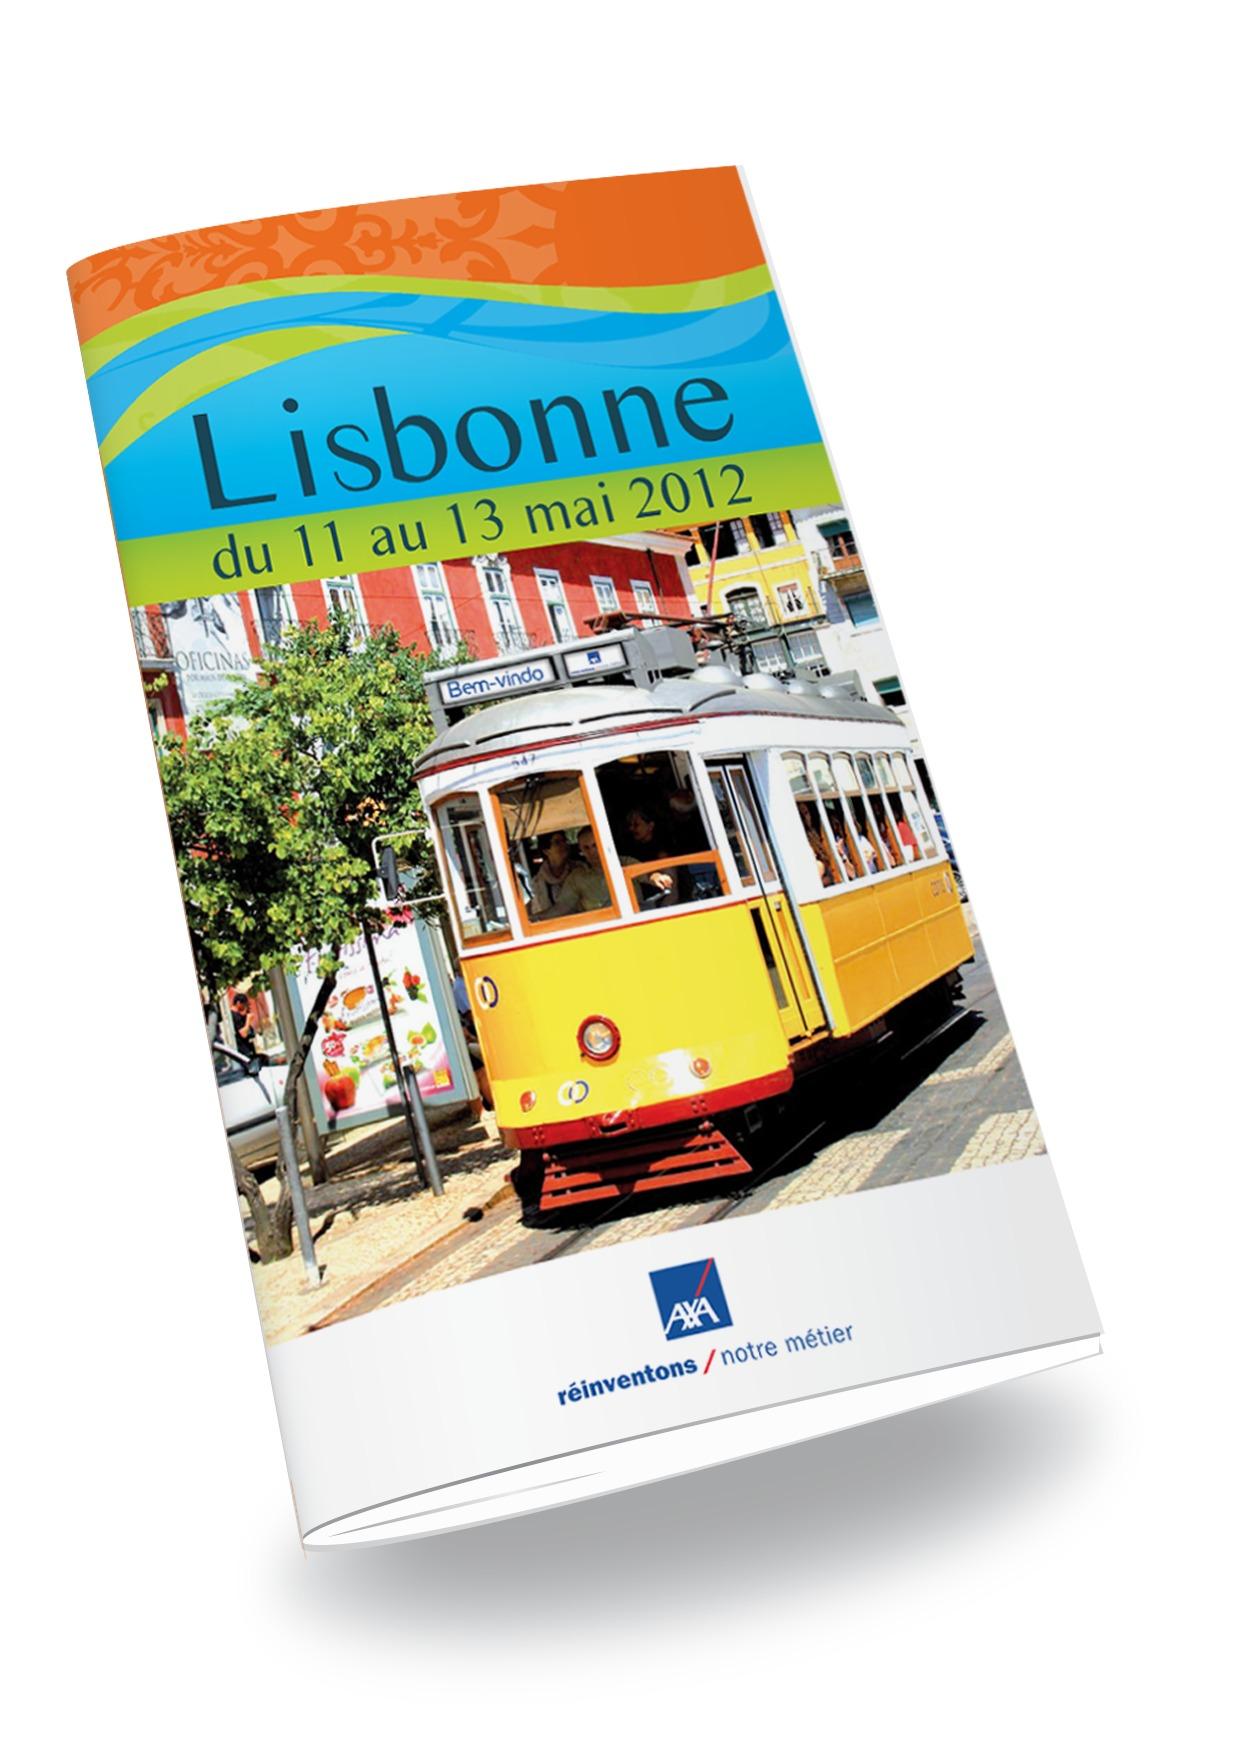 Carnet de voyage événementiel